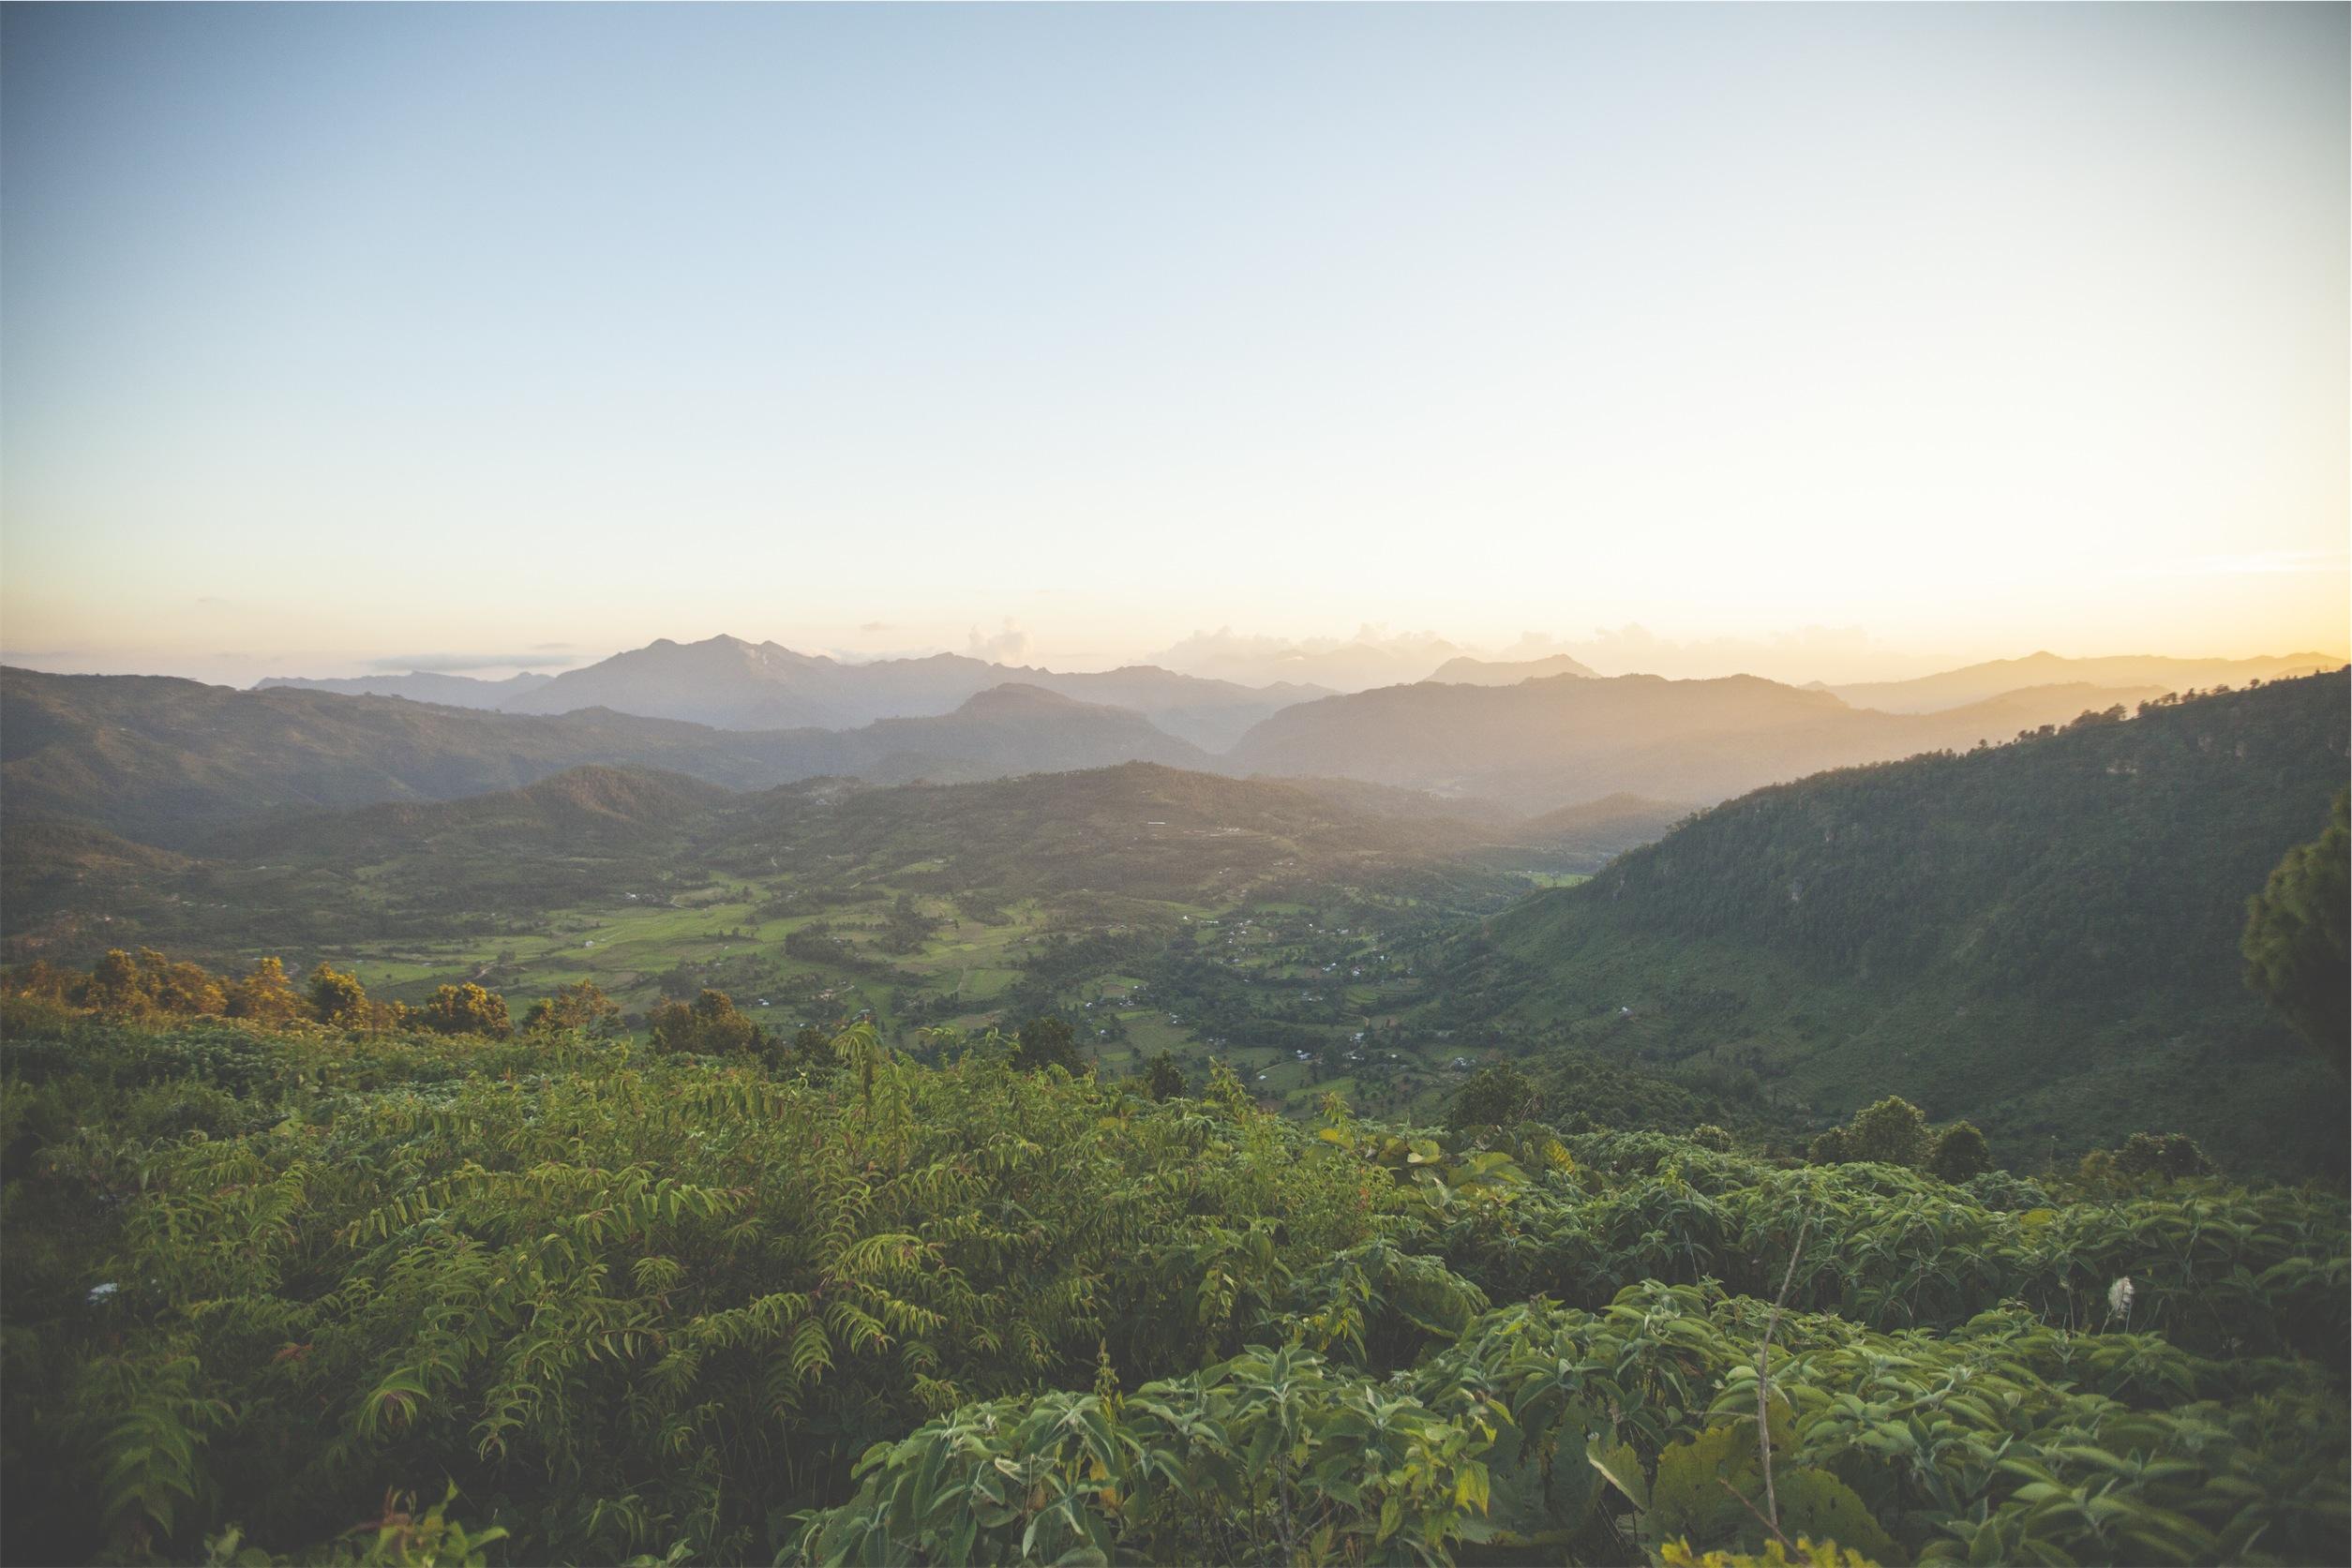 NepalLandscape.jpeg